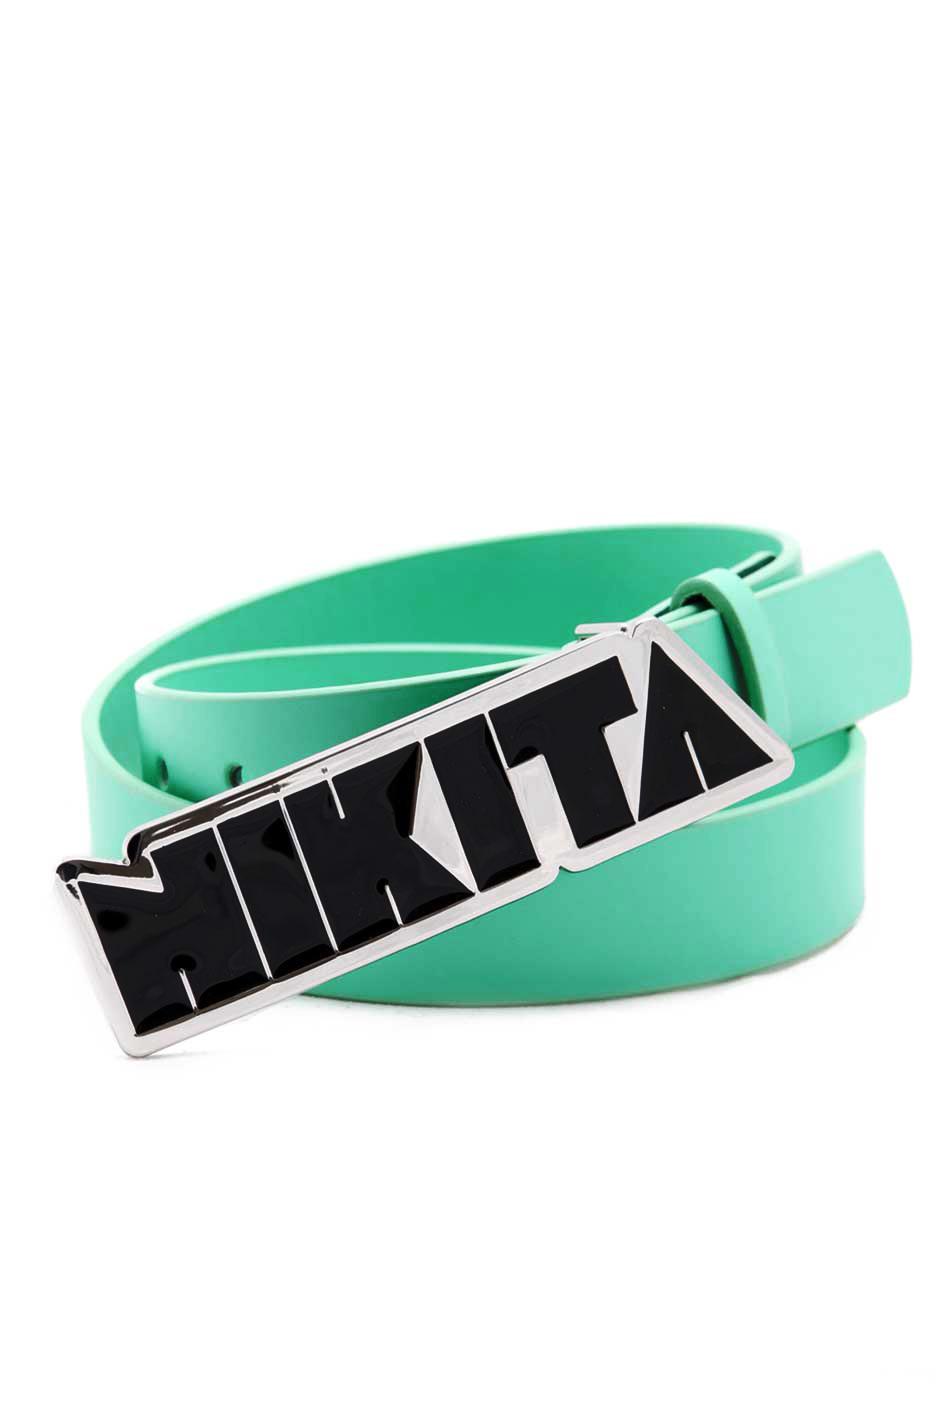 Nikita - Shamrock Mint - Belt - Impericon.com AU dfce2b35e33ec